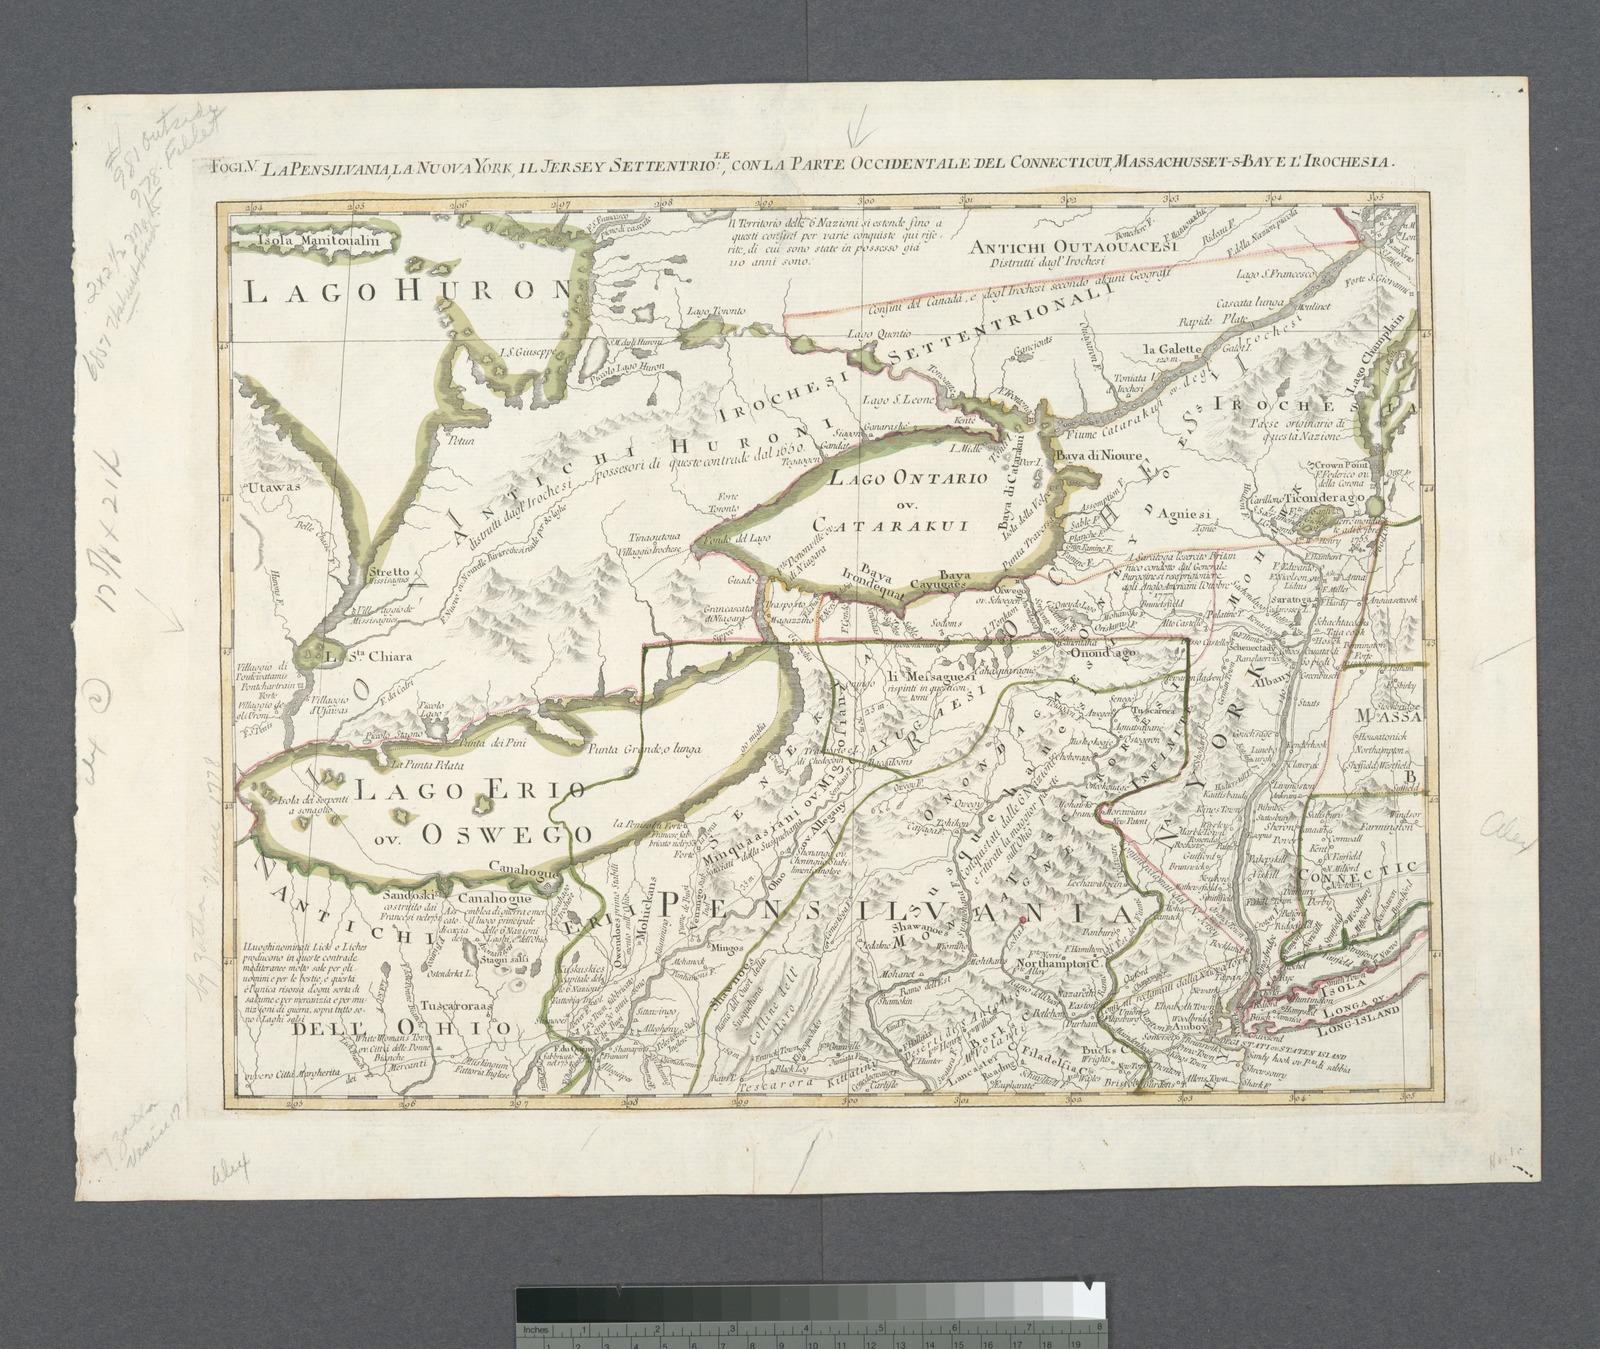 La Pensilvania, la Nuova York, il Jersey Settentrio[na]le: con la parte occidentale del Connecticut, Massachusset-s-bay e l'Irochesia.